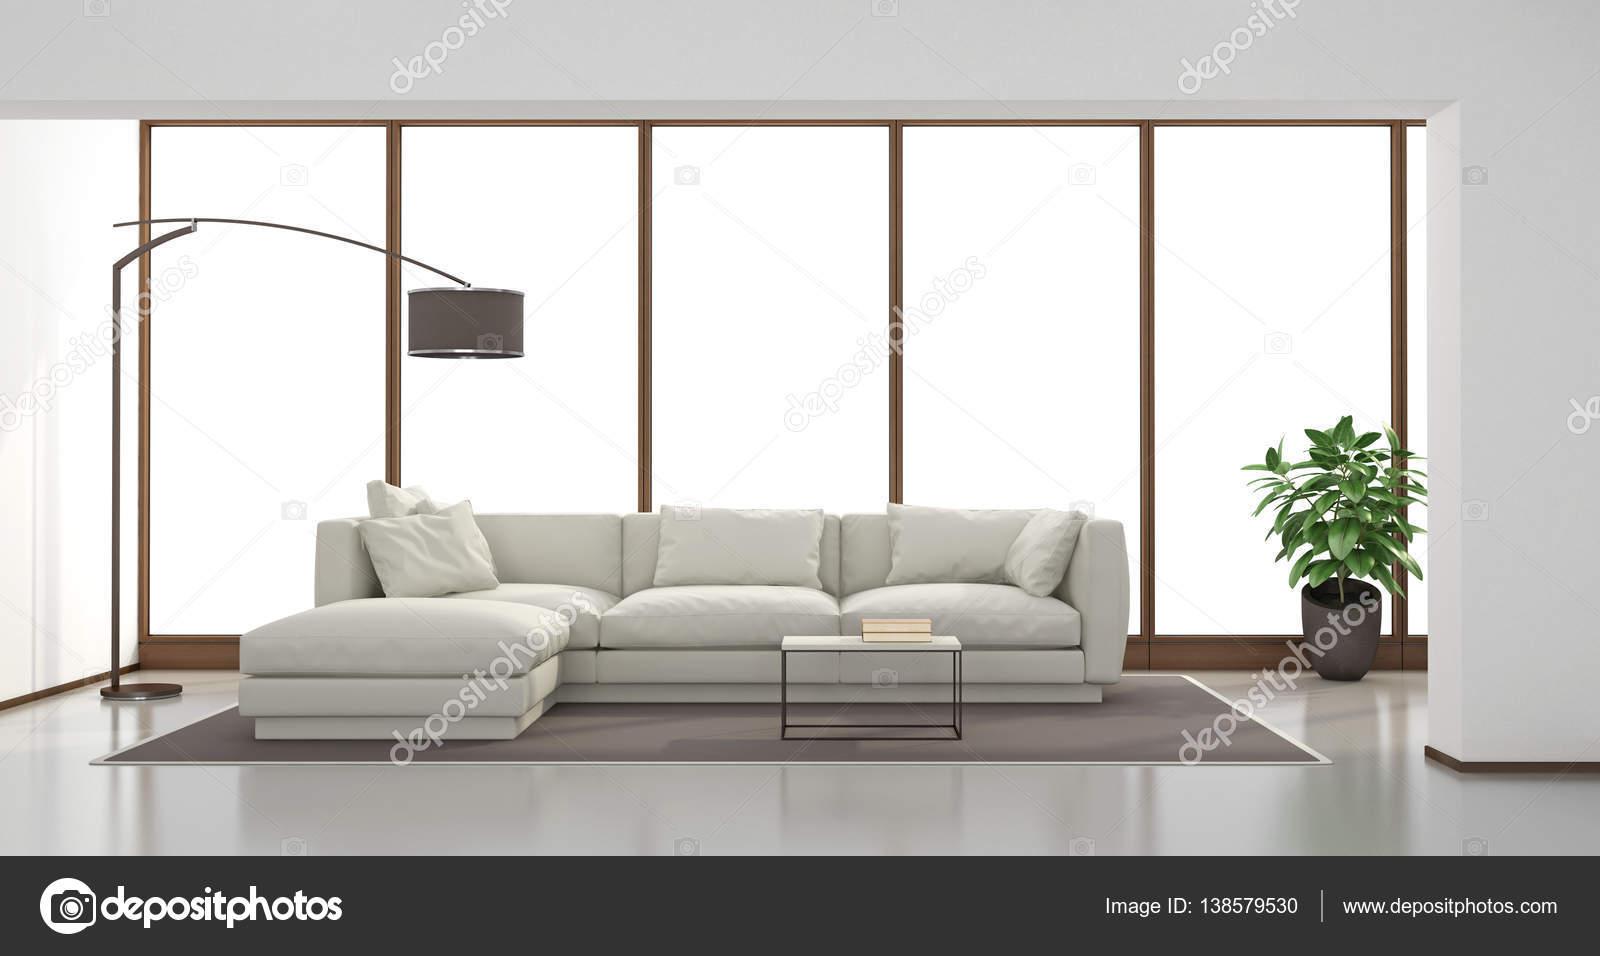 Minimalistisches Wohnzimmer Stockfoto C Archideaphoto